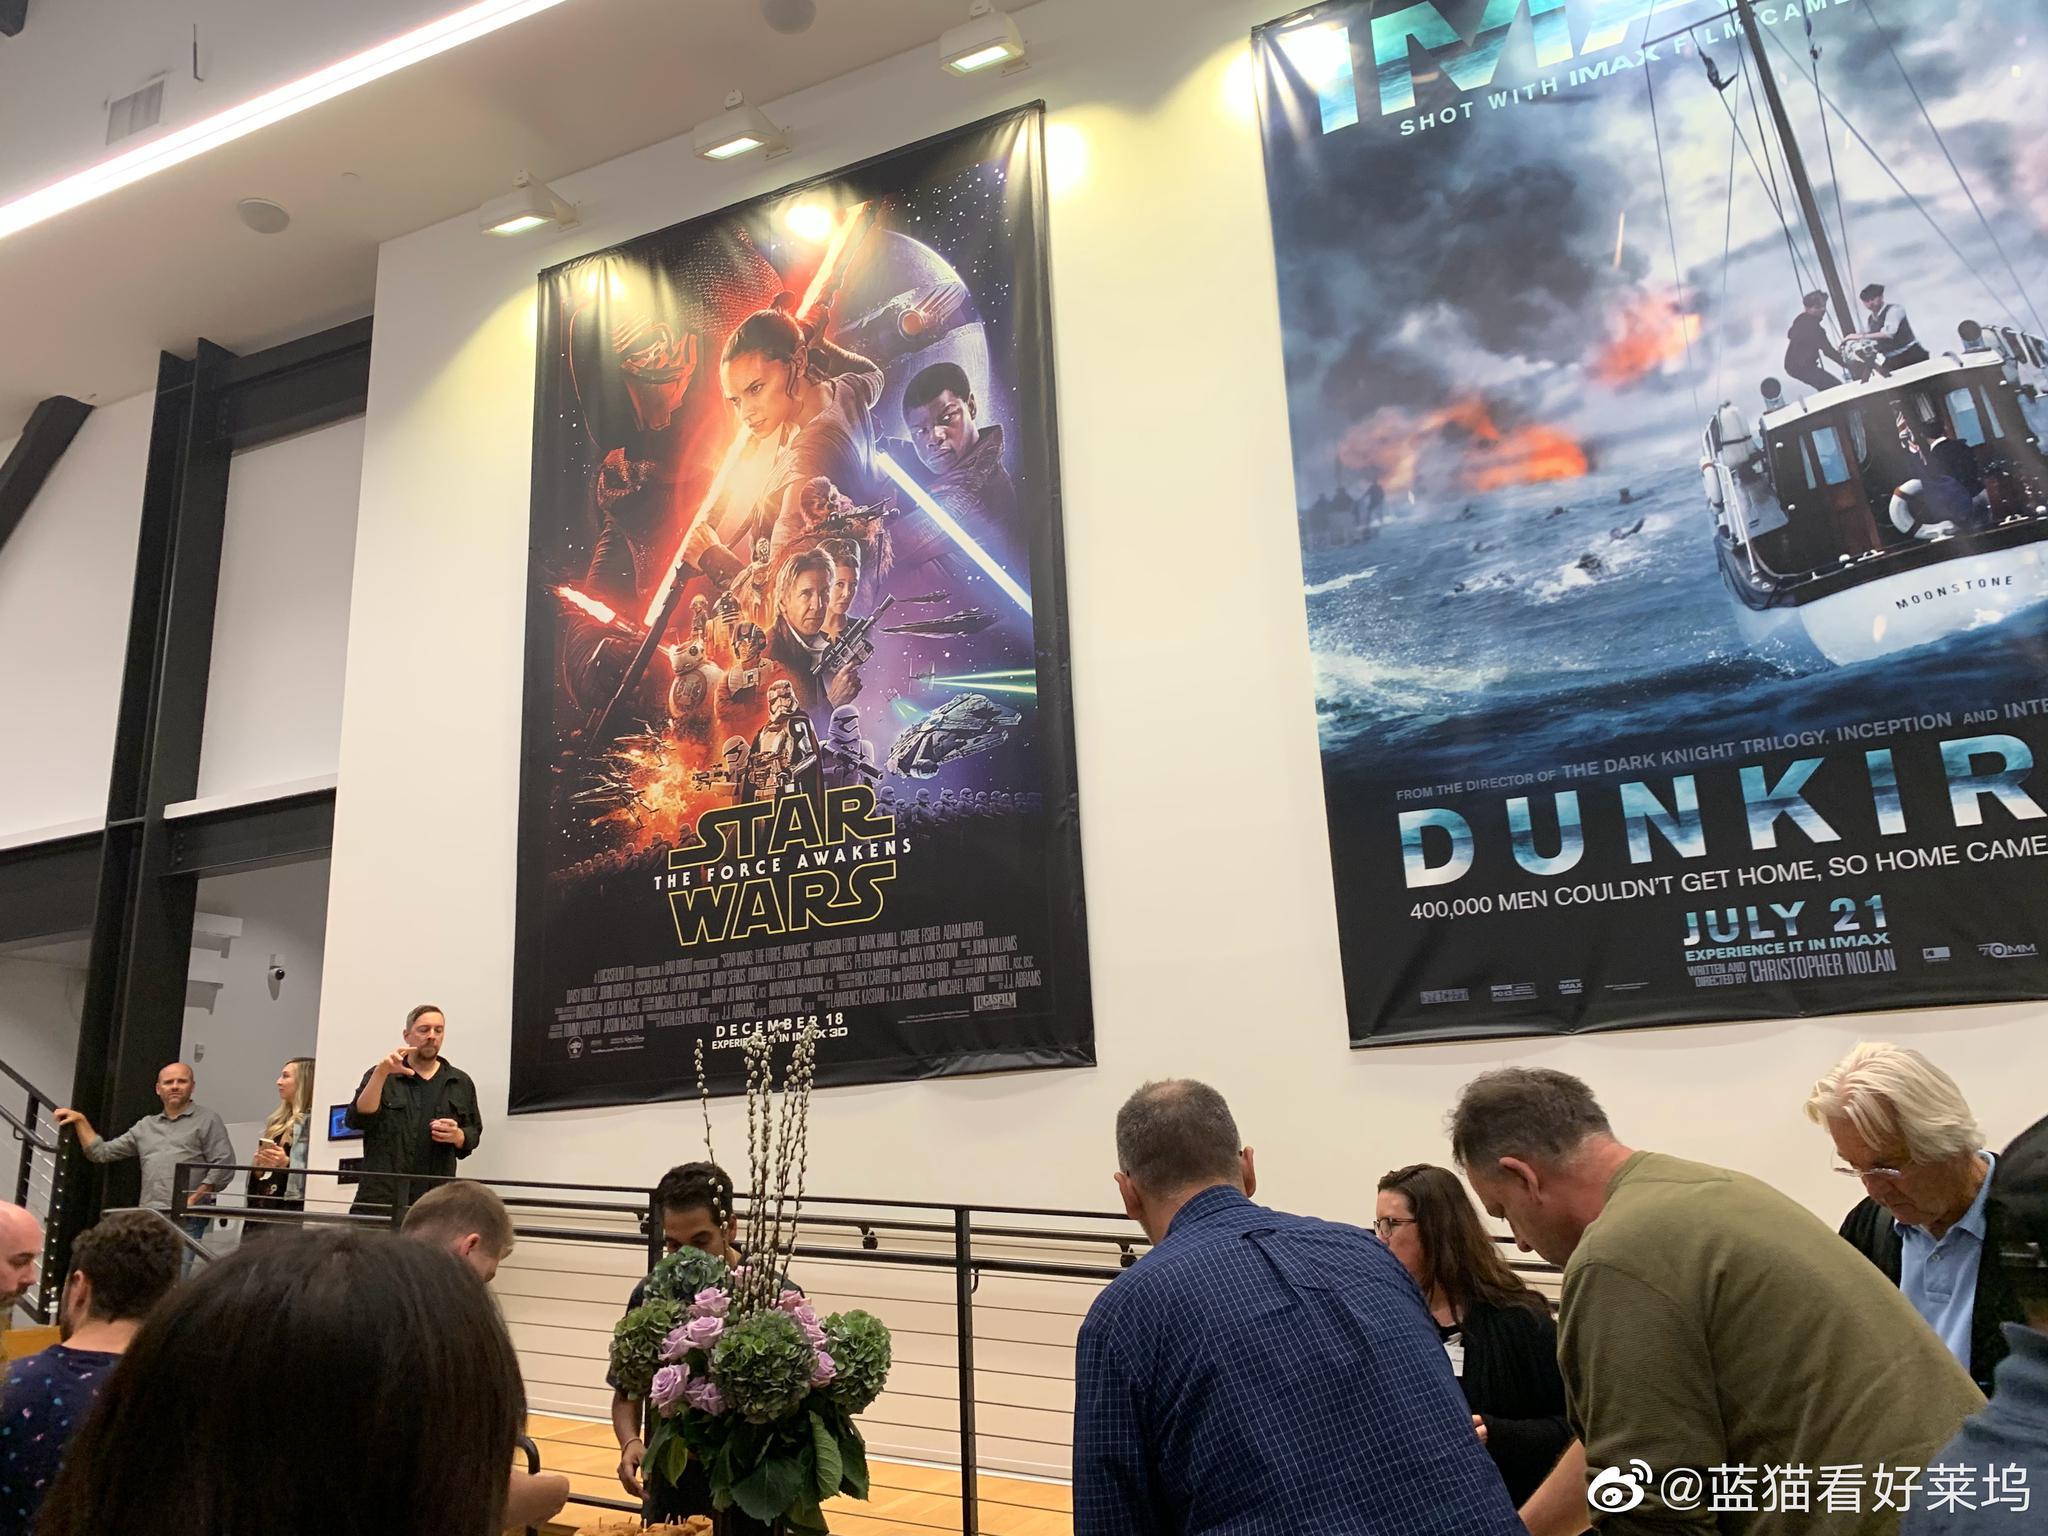 又来IMAX!但这是第一次在这里看IMAX电影,纪录片《阿波罗11号》